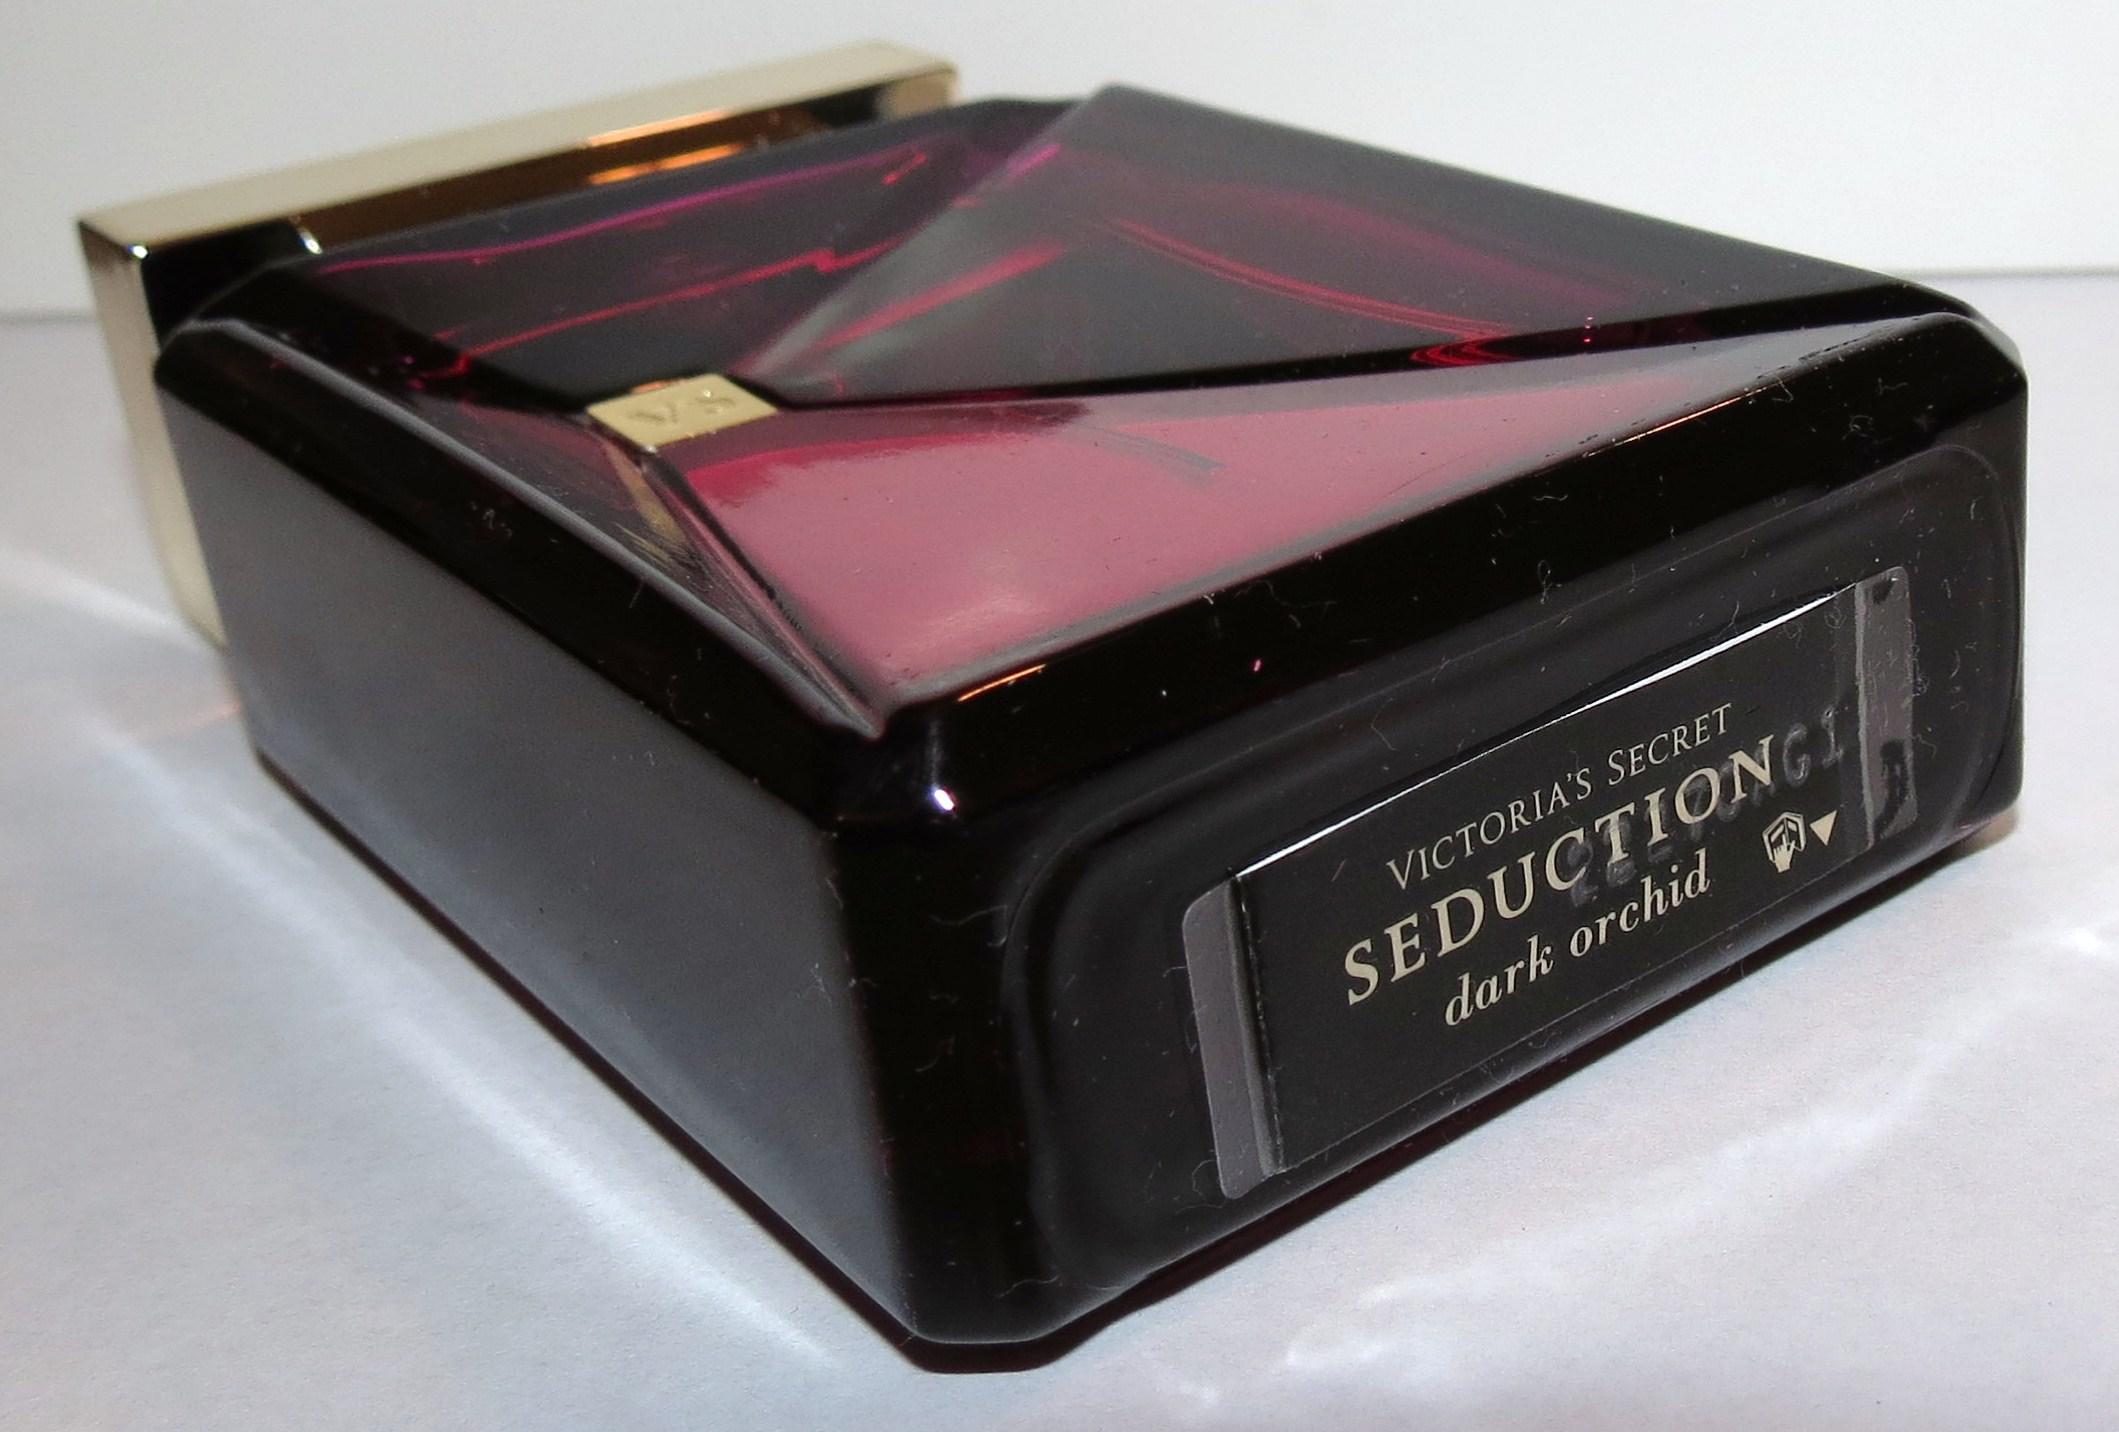 1f5b009f8b392 Victoria's Secret Seduction DARK ORCHID Eau de Parfum Photos ...